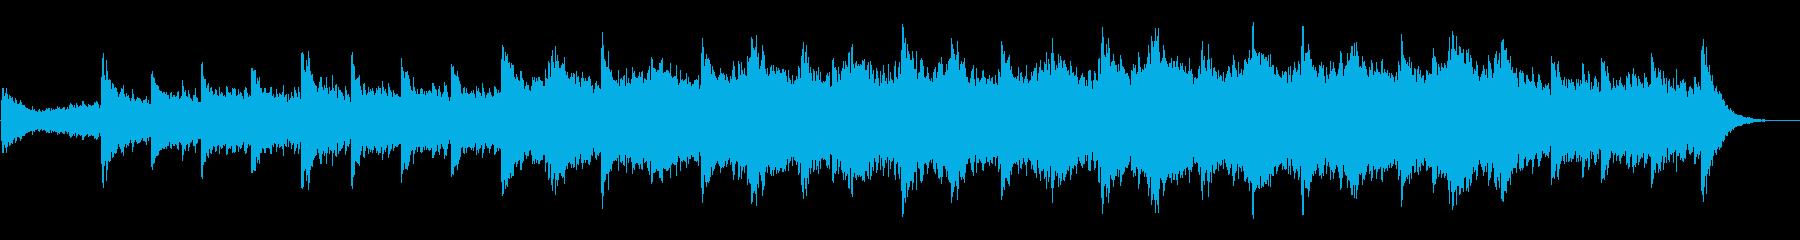 現代の交響曲 劇的な 厳Sol エ...の再生済みの波形